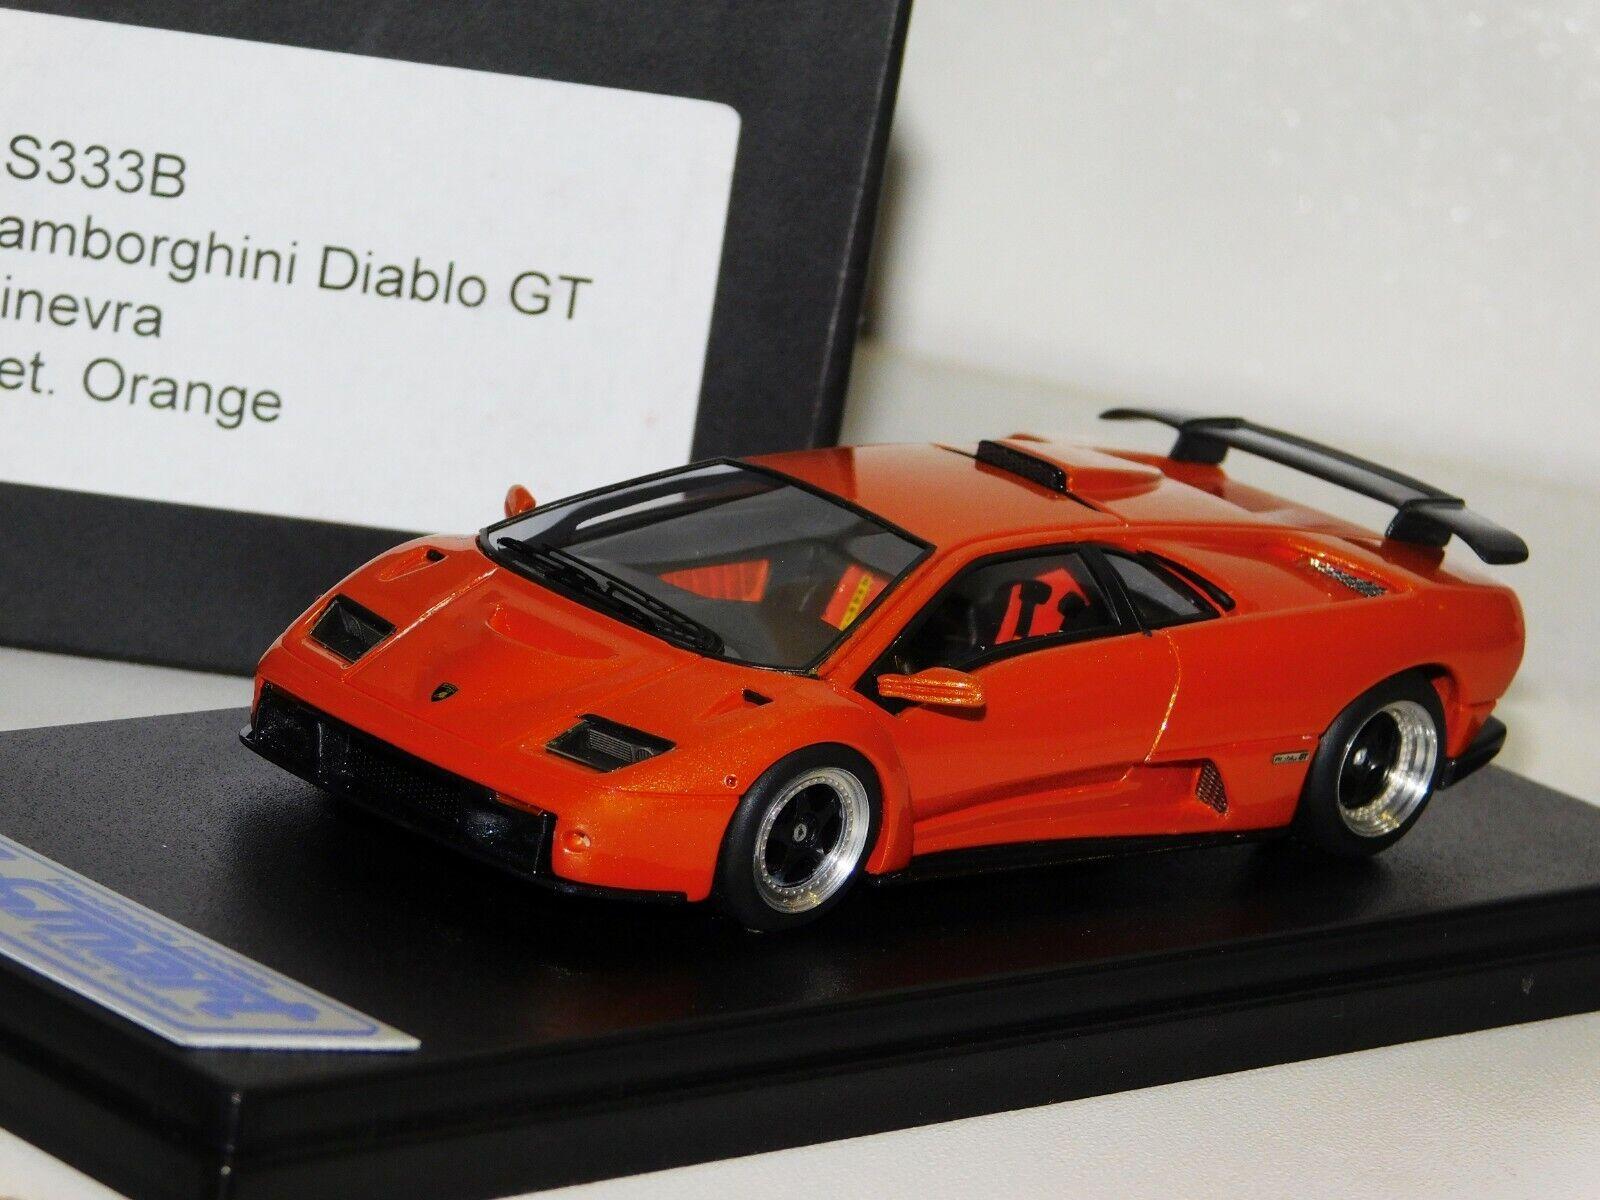 Lamborghini Diablo GT  GINERVA atteint. Orange Lookintelligent LS333B 1 43  nouveau style